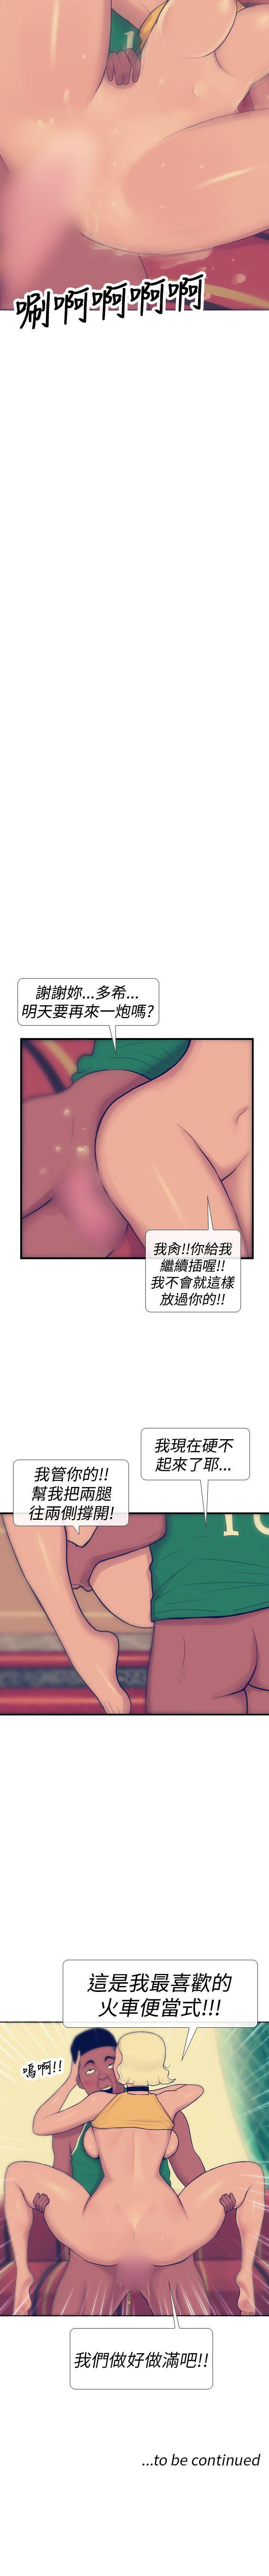 極致性愛寶典 1-26 50